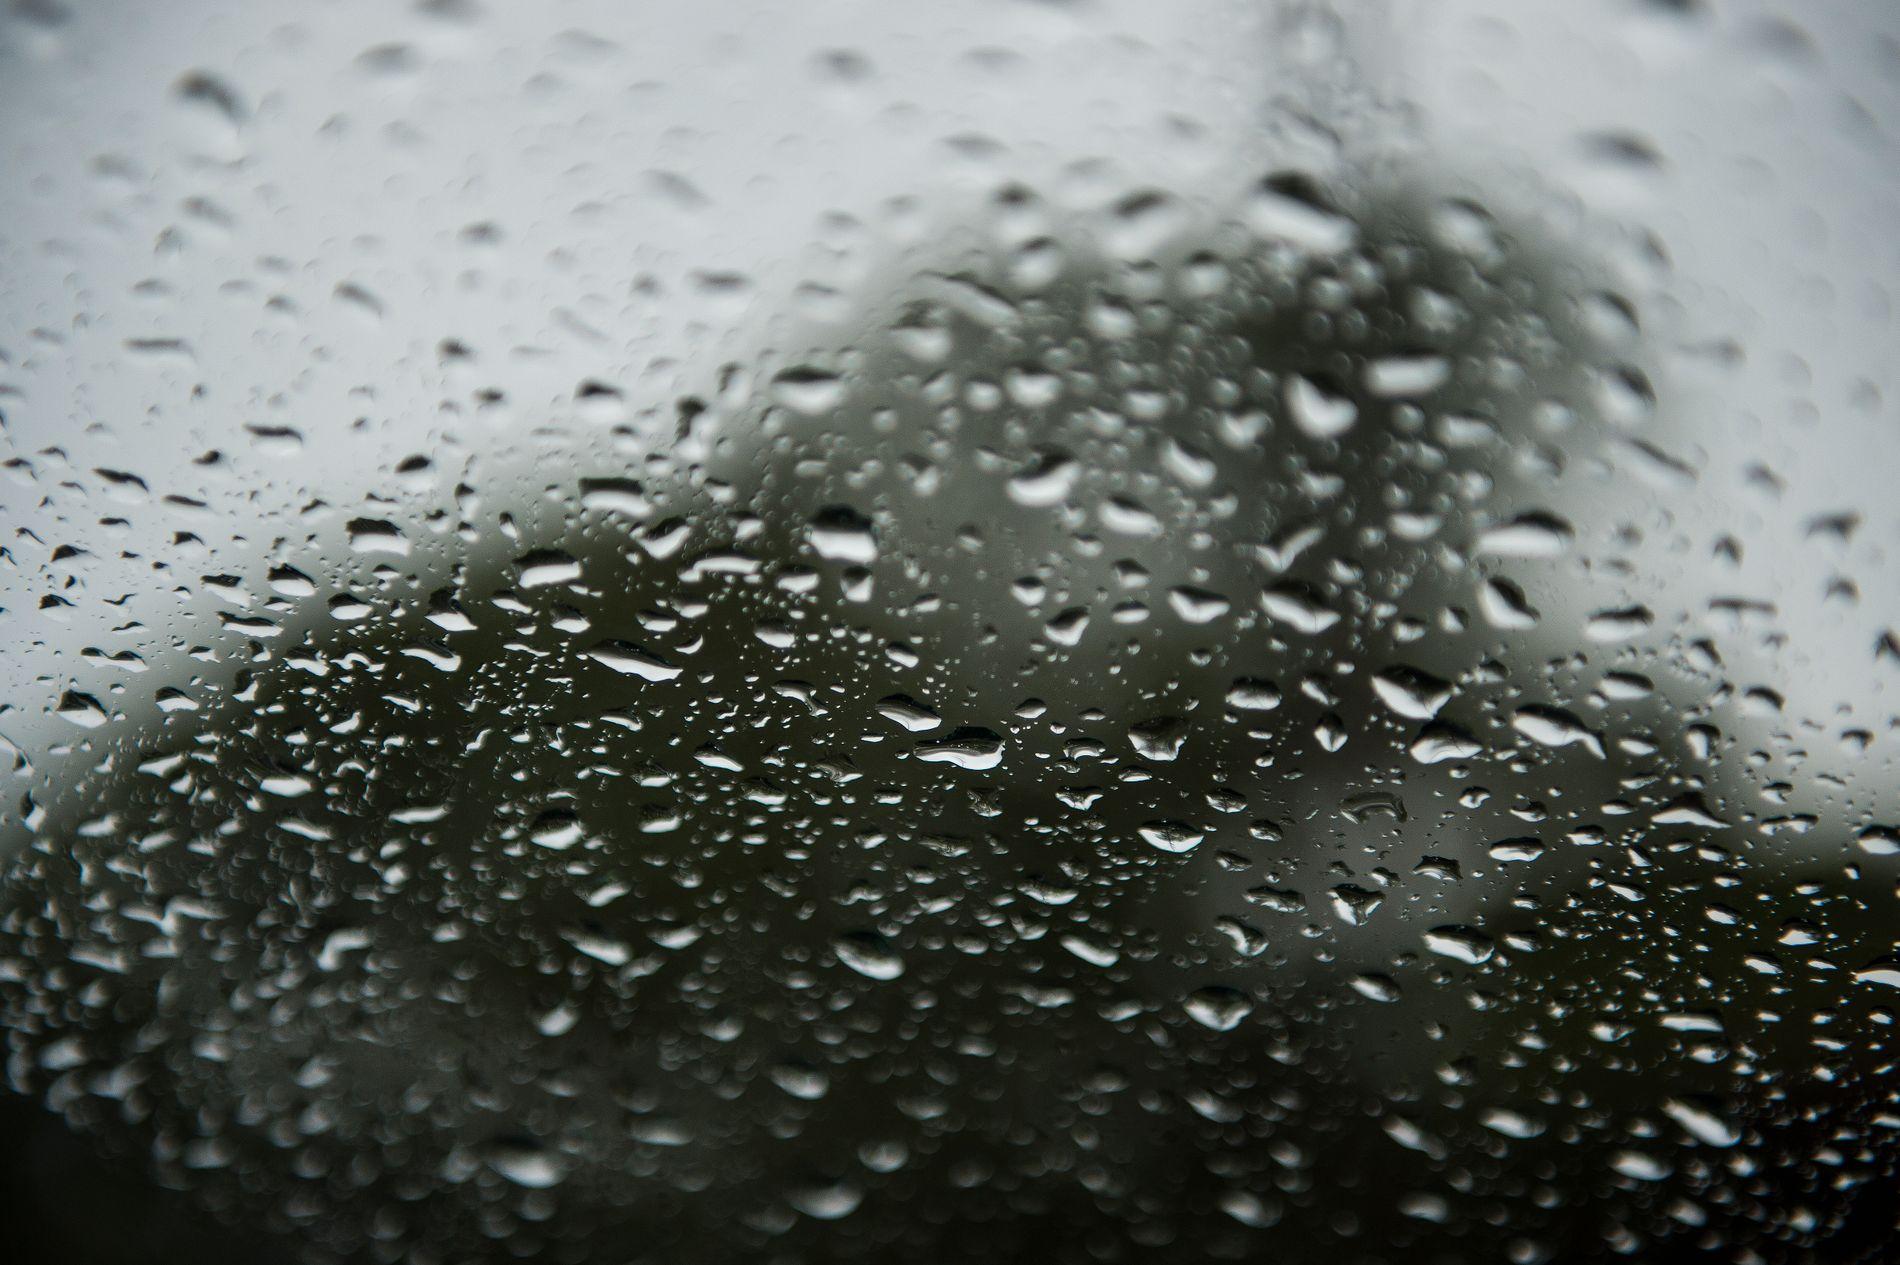 VARIERT: Samtidig som vi noen steder kan komme opp mot 55 millimeter regn på tre timer, kan vi få over 30 grader og varmerekord de nærmeste dagene på andre steder.